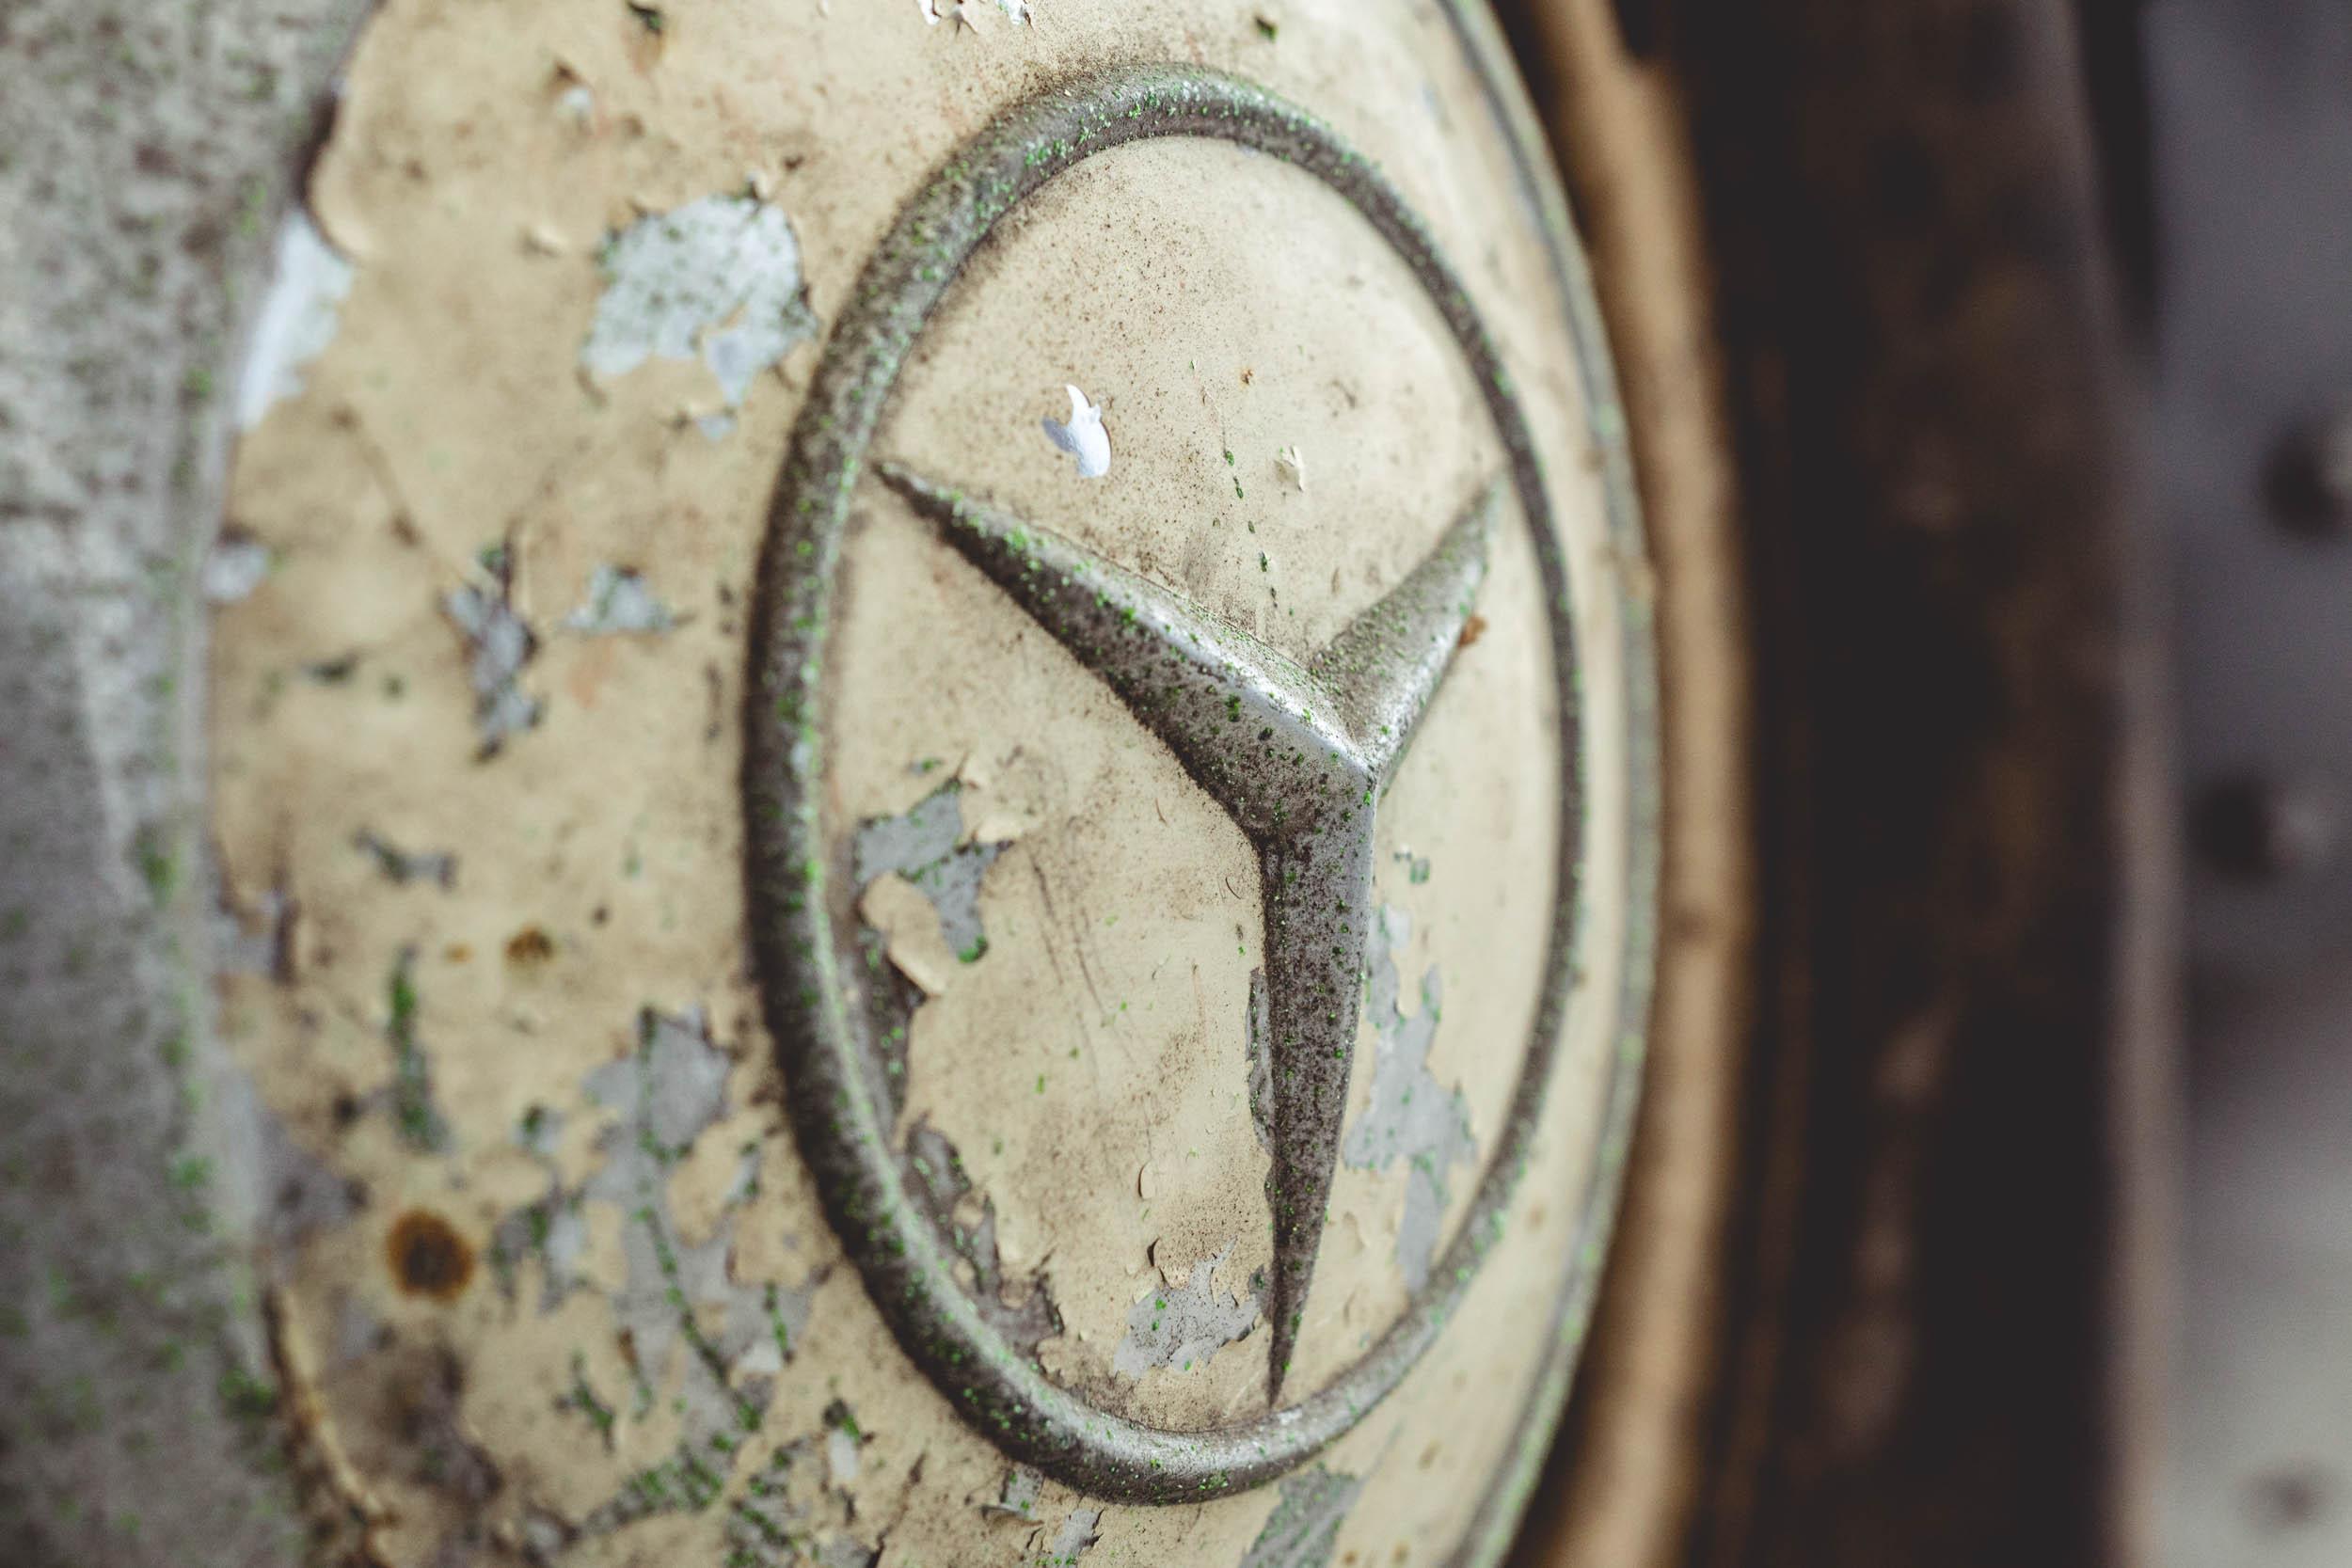 1954 Mercedes-Benz 300SL Gullwing badge